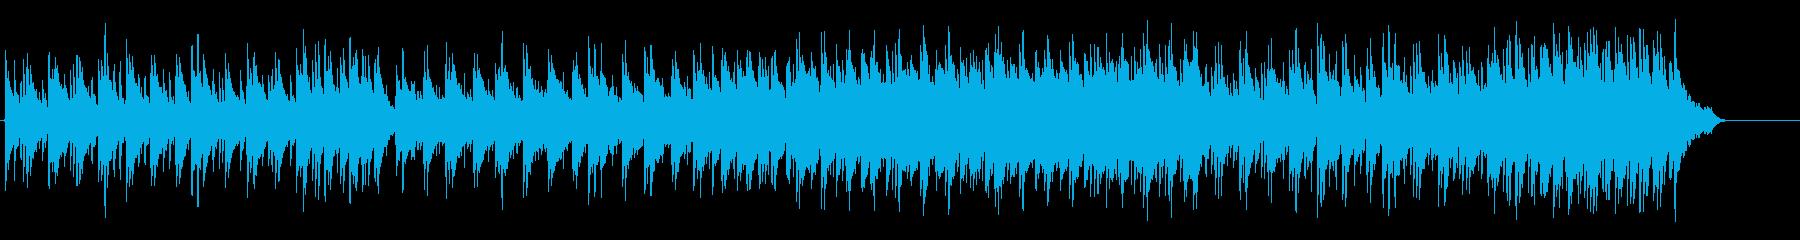 エモーショナルにゆらめくポップ・バラードの再生済みの波形